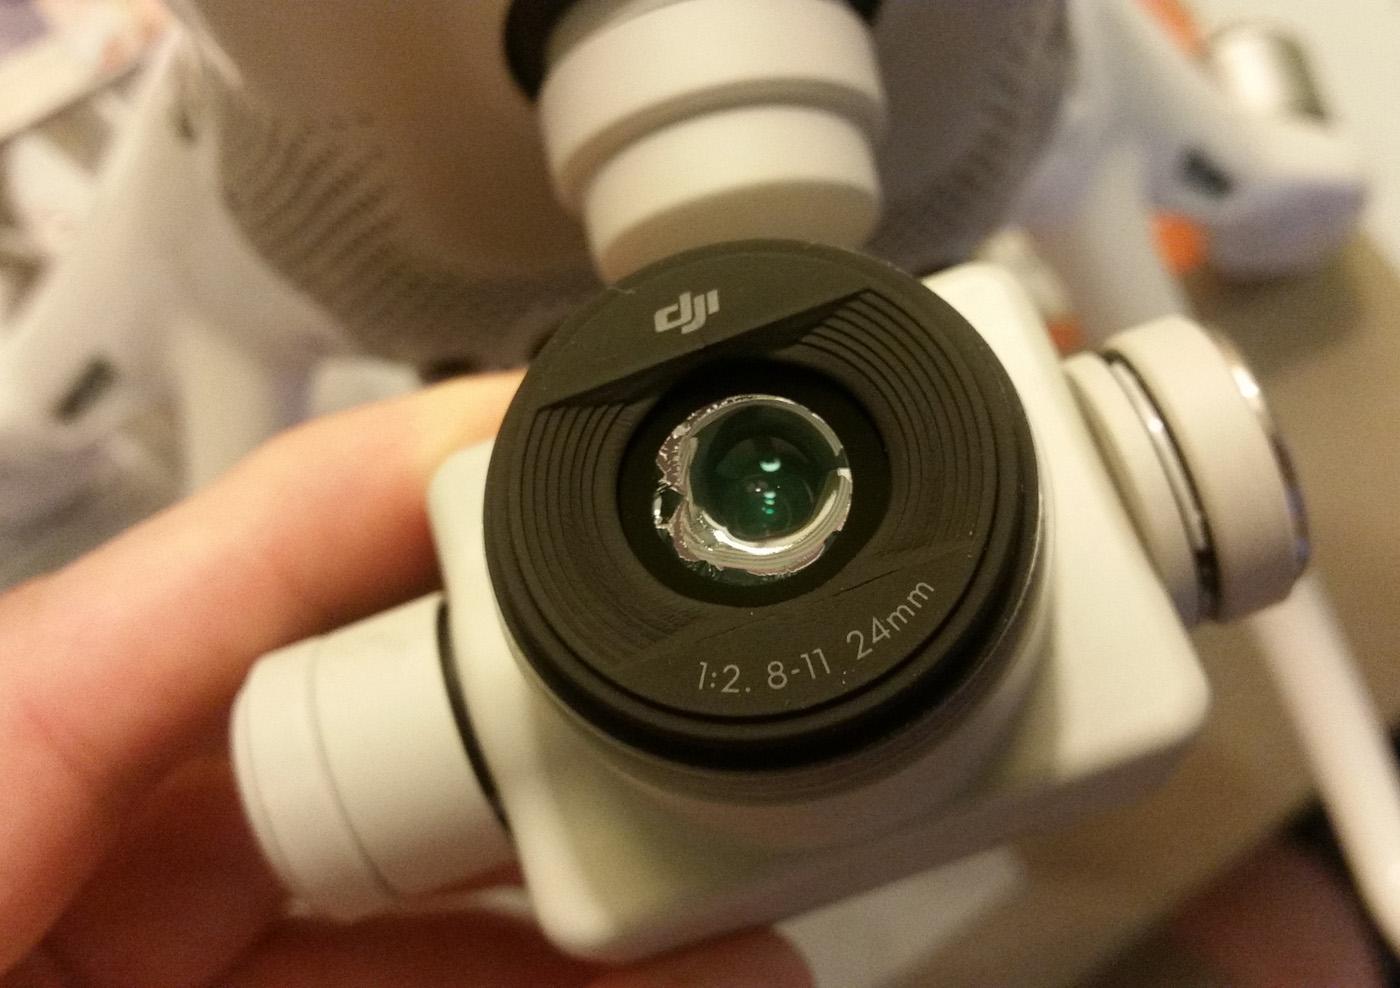 החלק המותך במצלמה של מרום (צילום: ארז מרום) (צילום: ארז מרום)